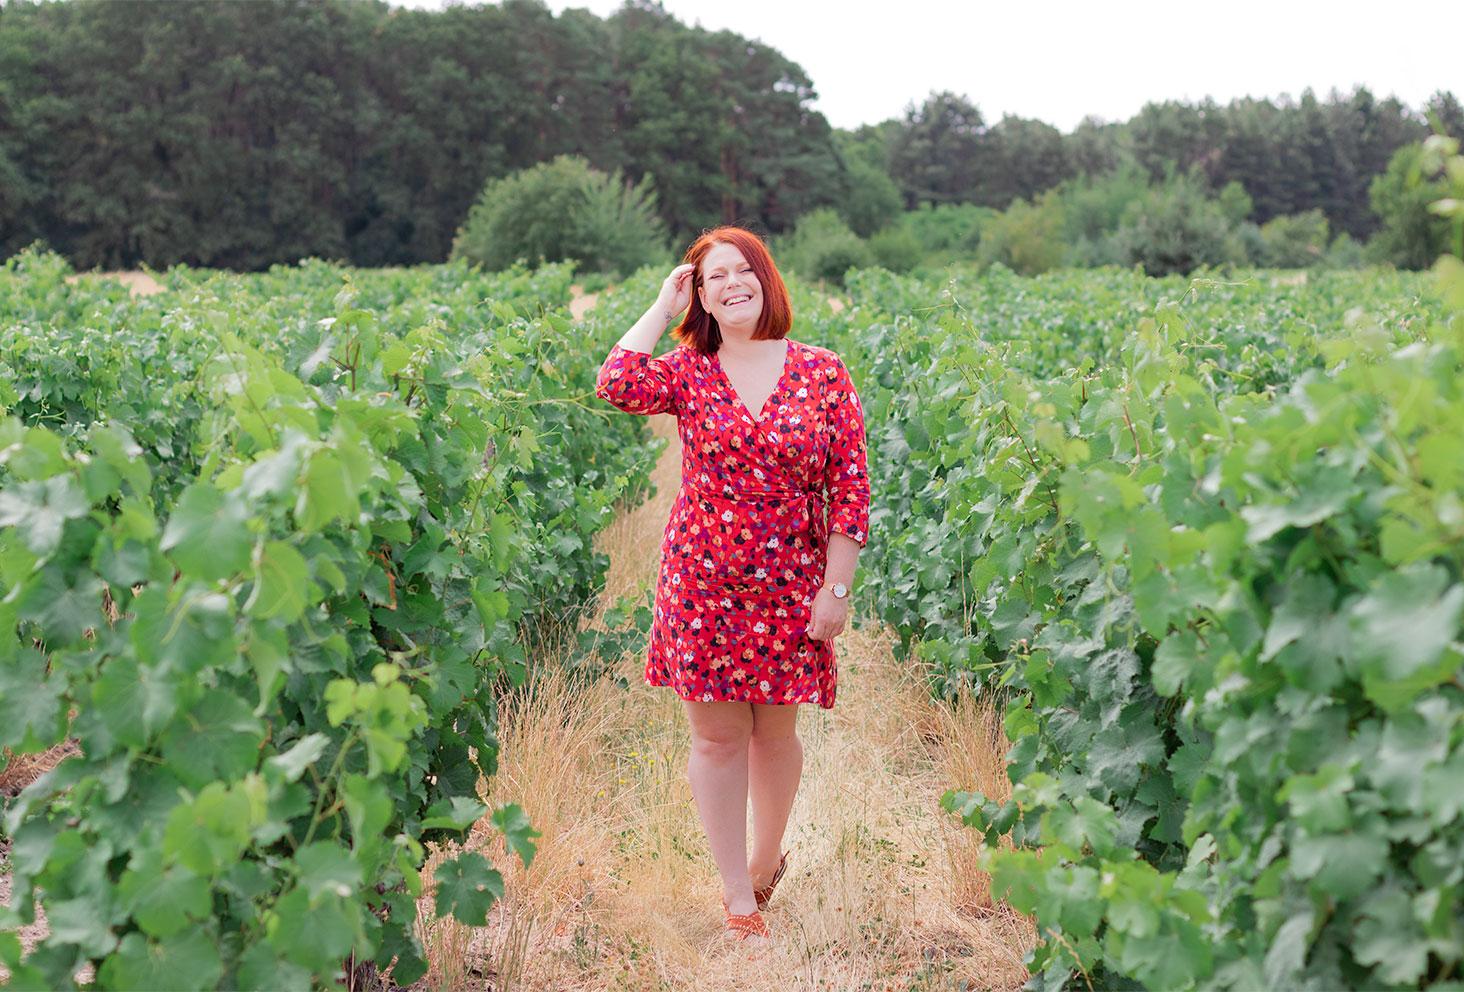 En robe rouge fleurie Grain de Malice au milieu des vignes, une main dans les cheveux avec le sourire